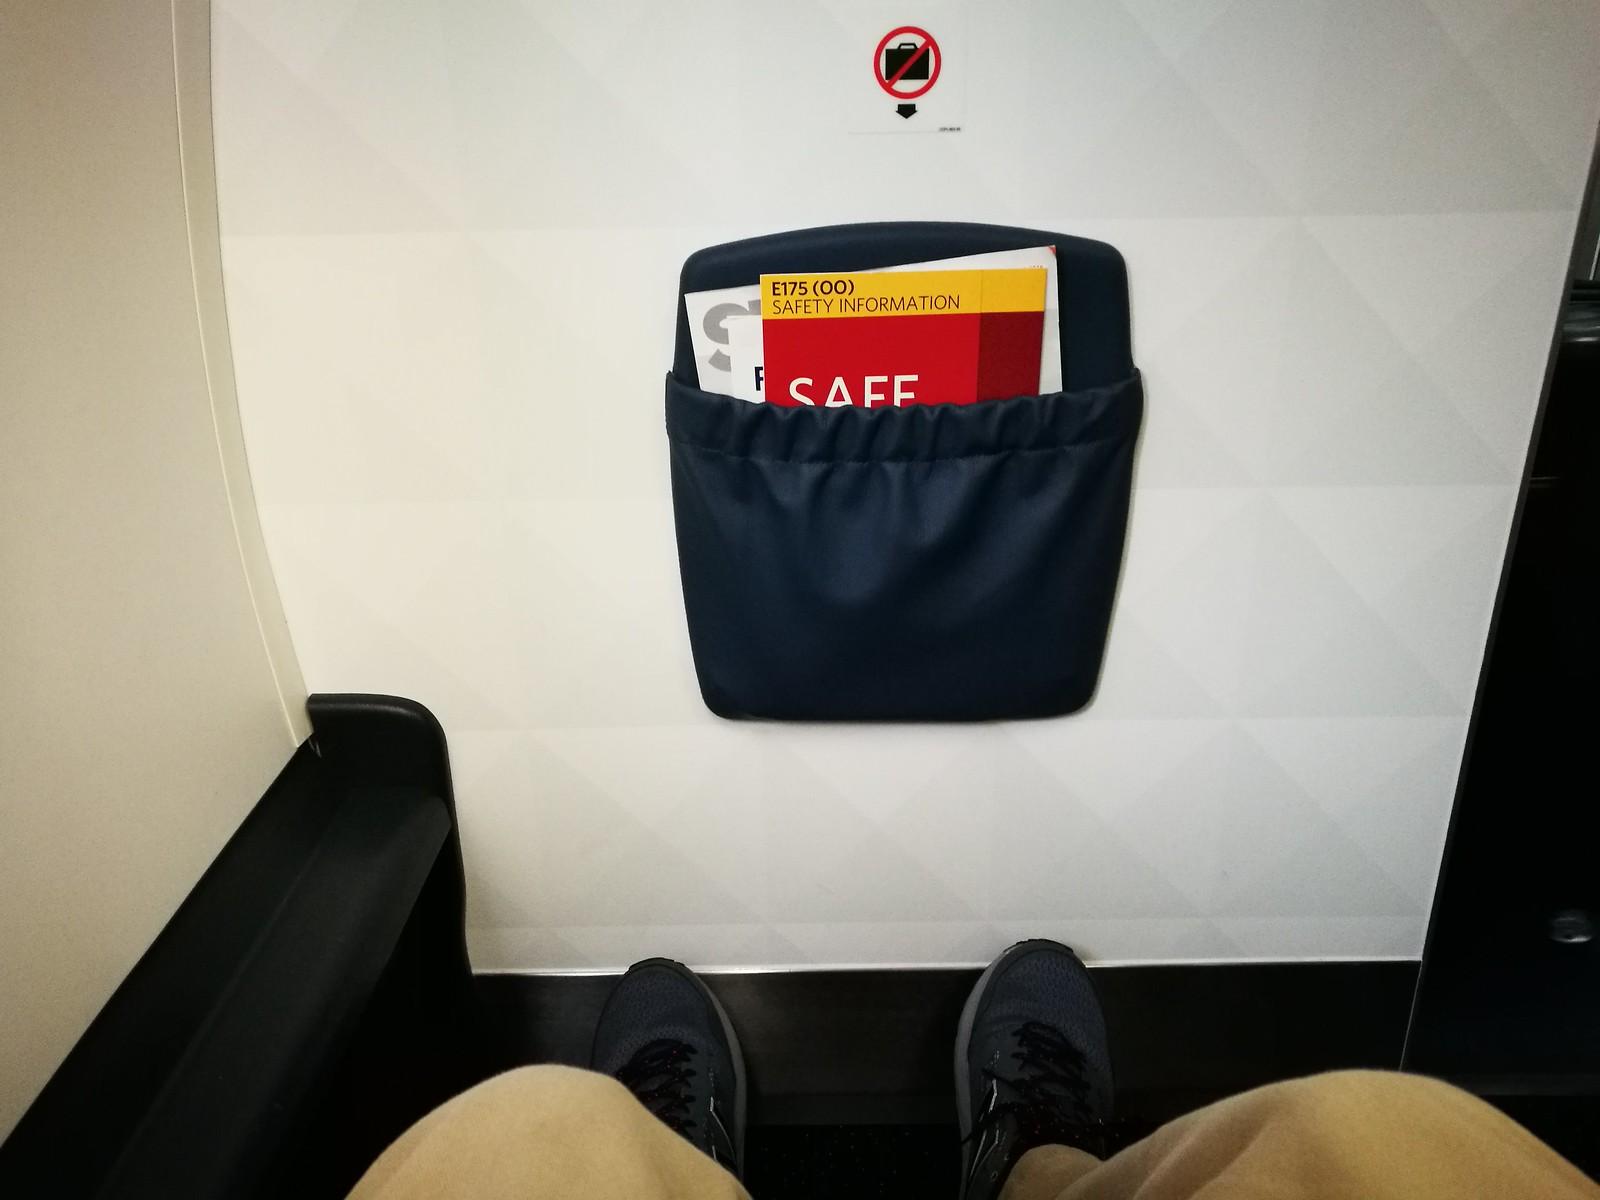 Bulkhead seats